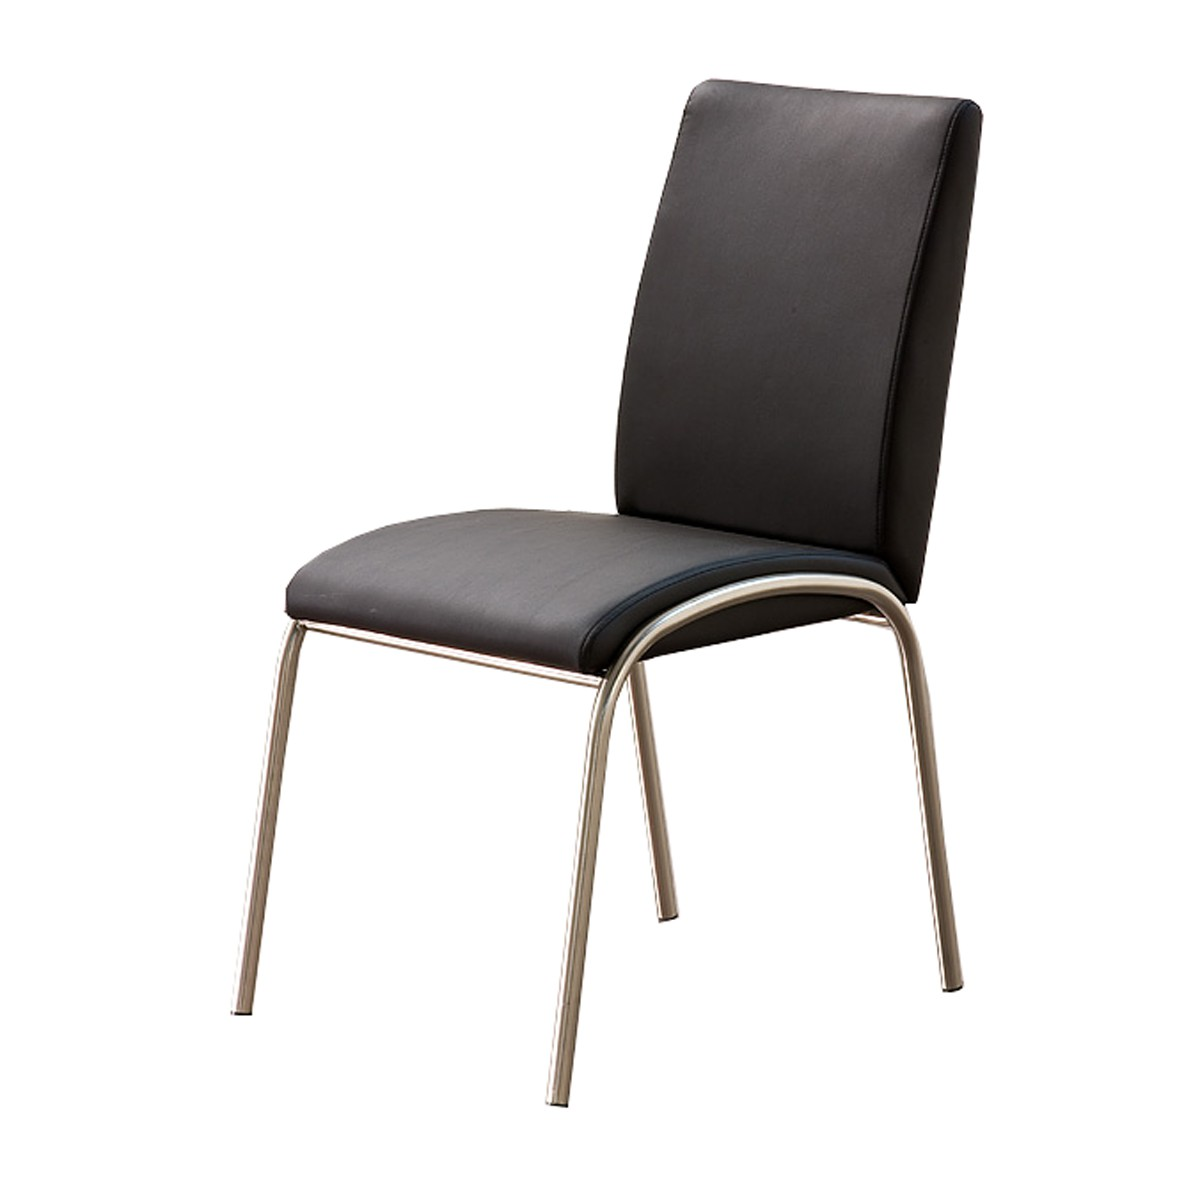 polsterstuhl manhattan 2er set in kunstleder schwarz. Black Bedroom Furniture Sets. Home Design Ideas